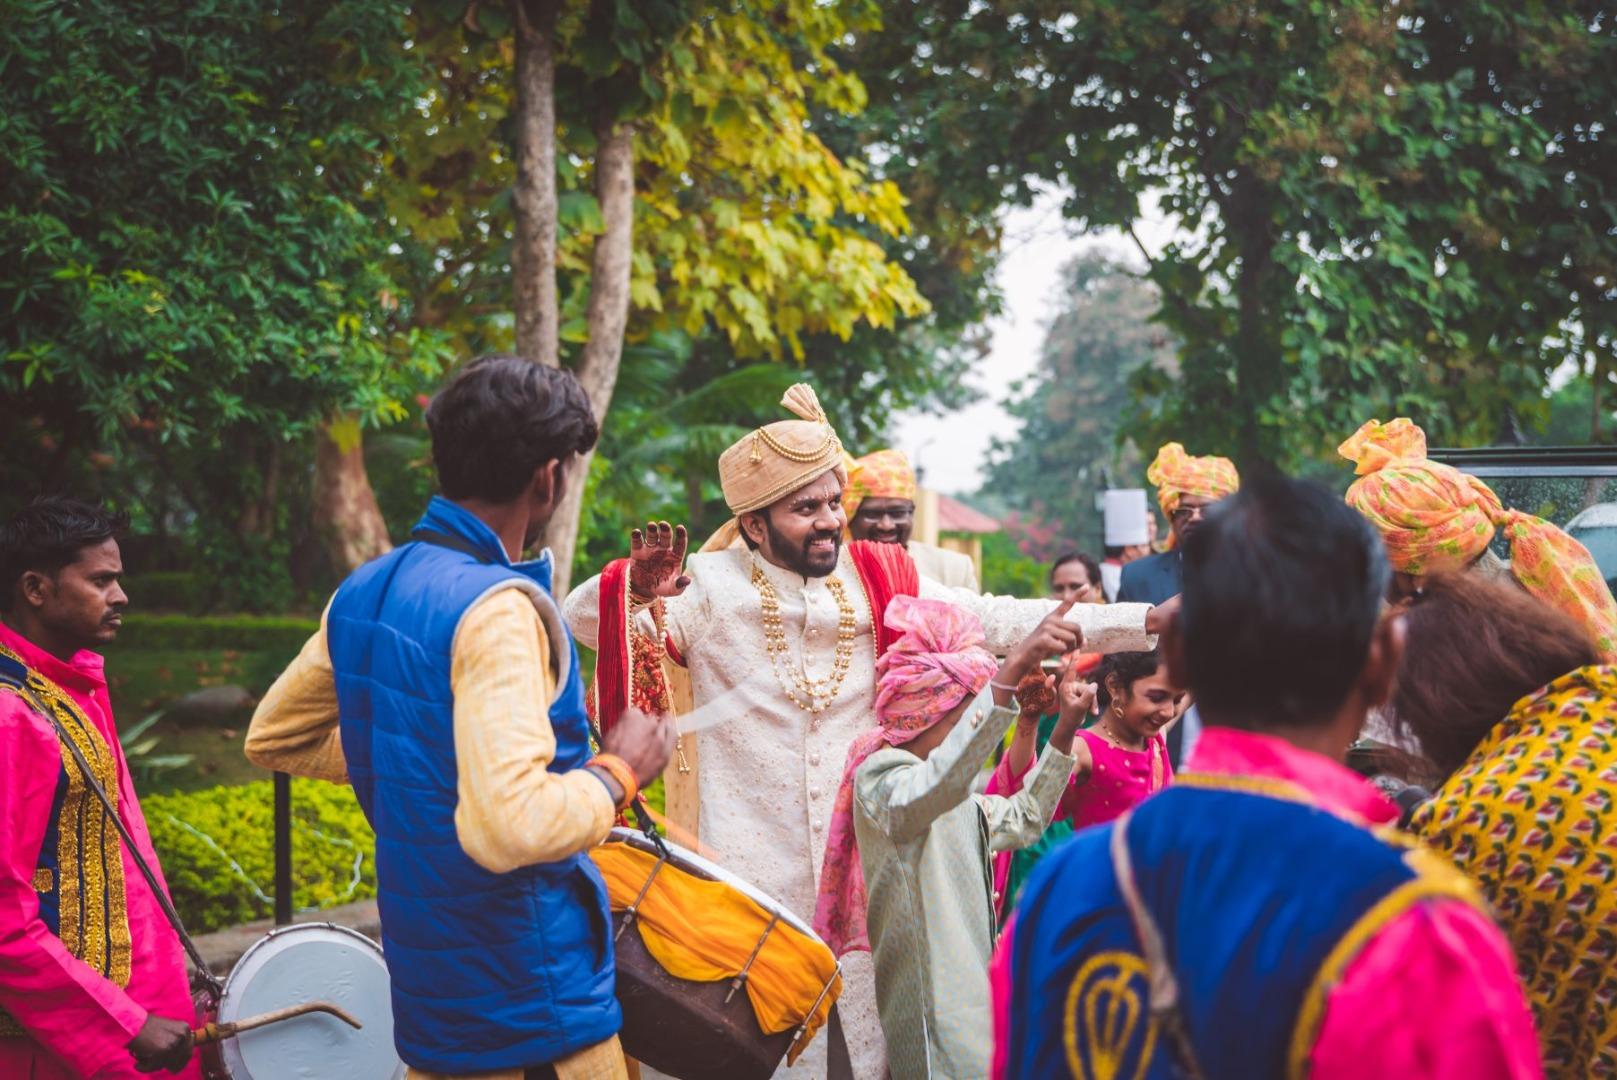 Dancing Indian Groom in Baraat